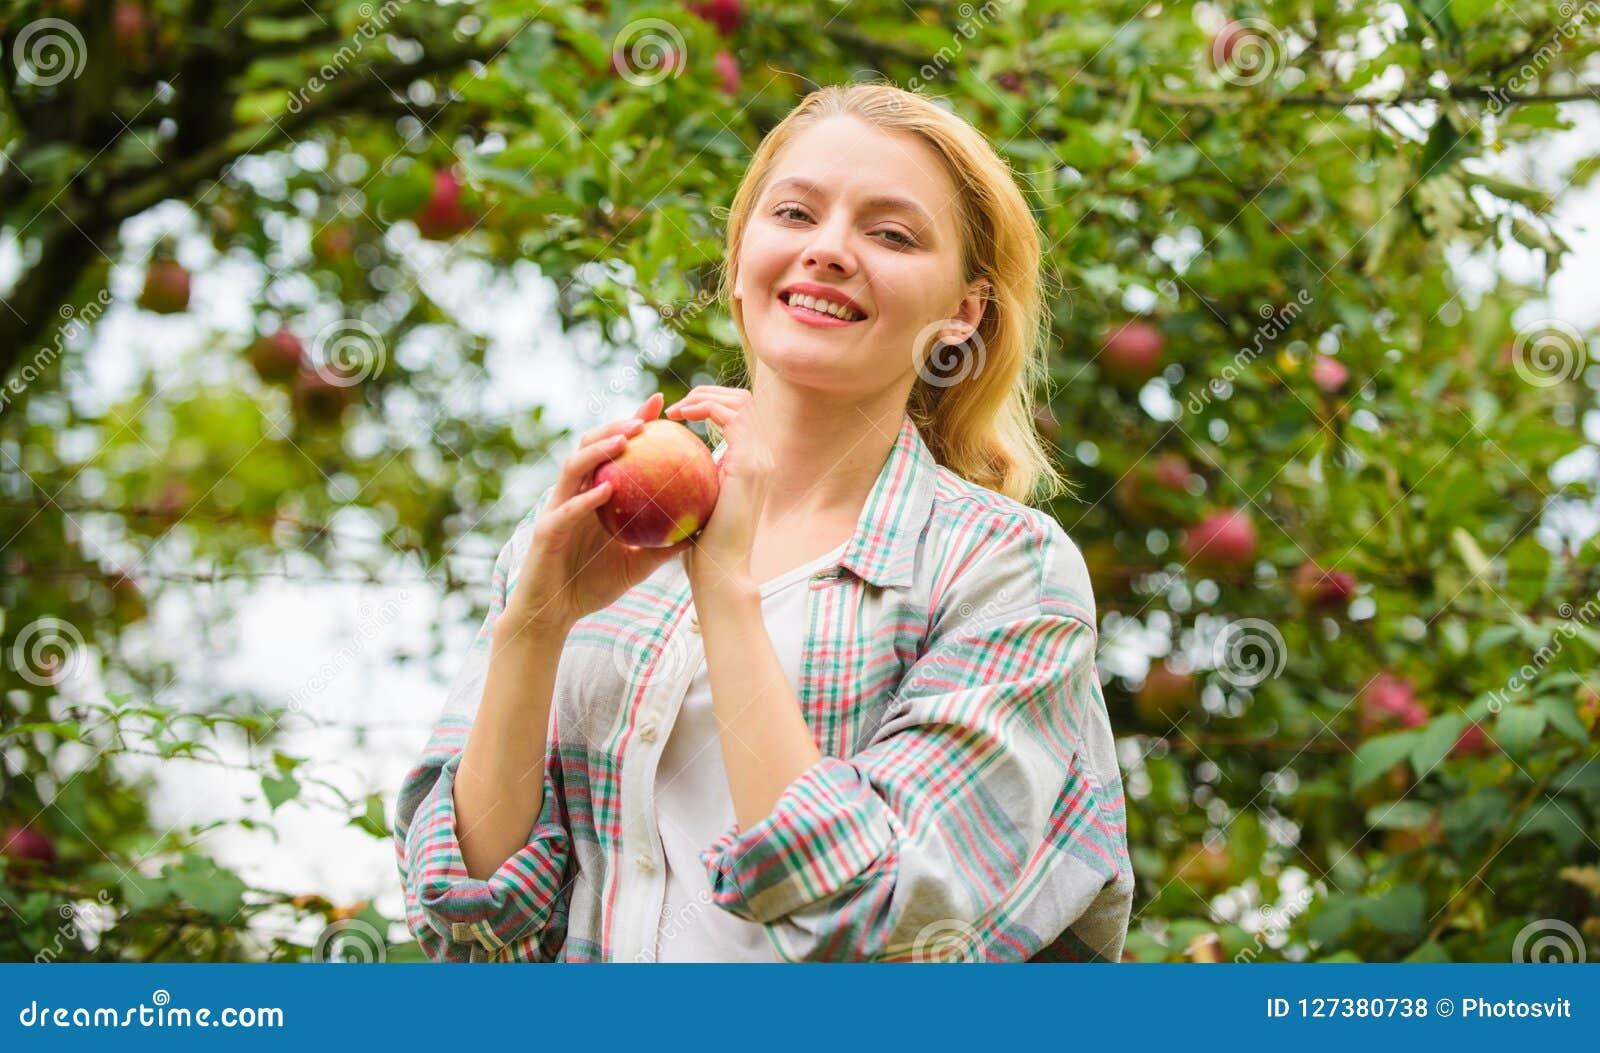 Granjero bastante rubio con la manzana del rojo del apetito El Local cosecha concepto Fondo del jardín de la manzana del control